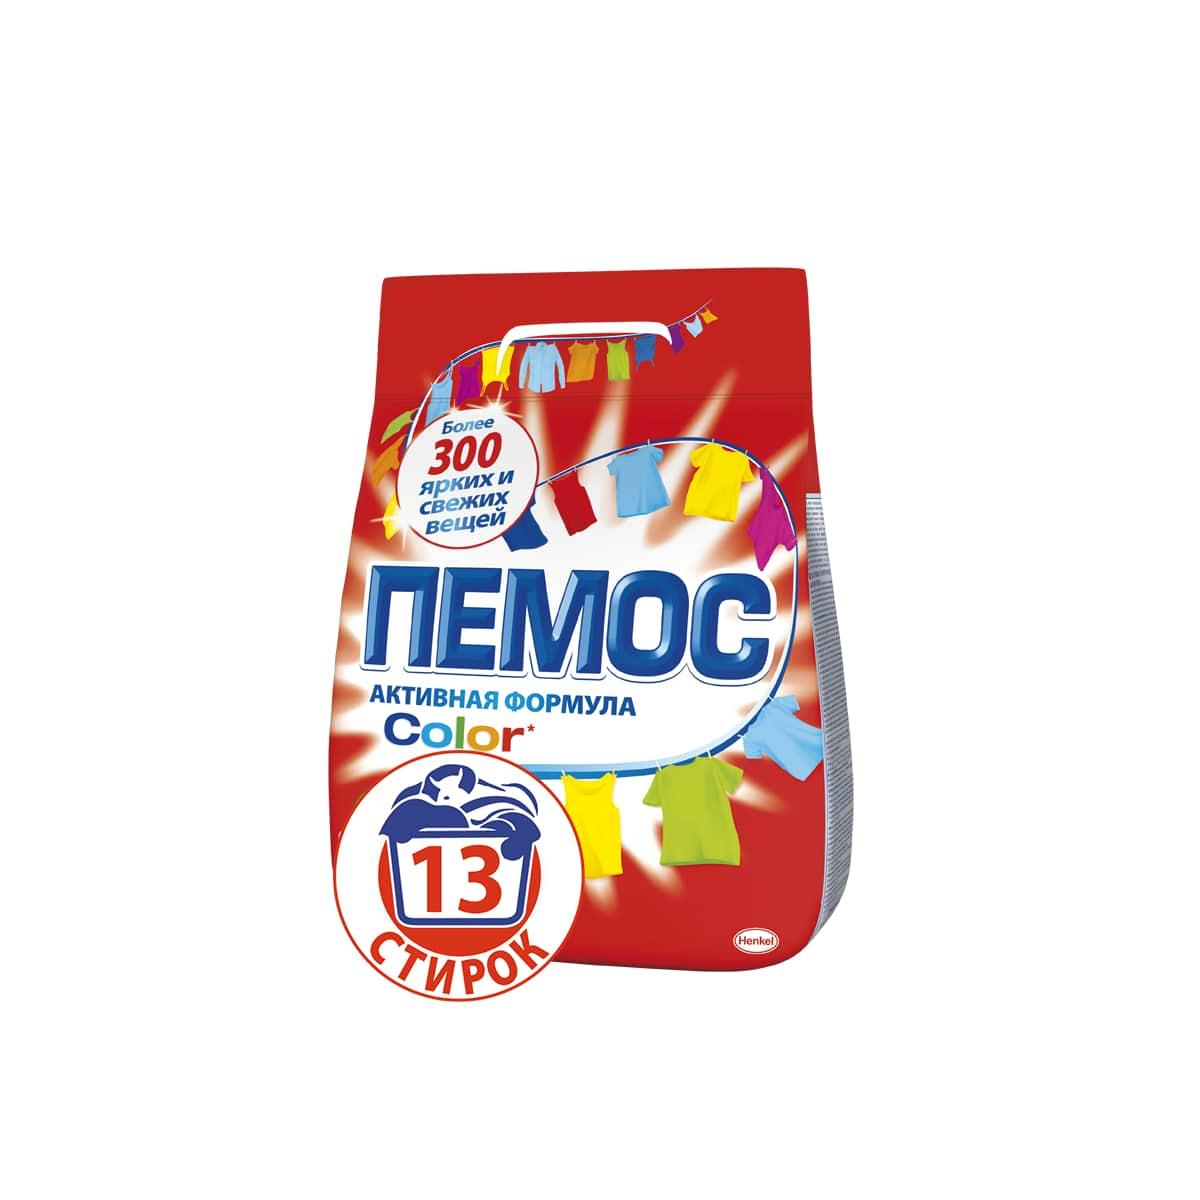 Стиральный порошок Пемос Color, для цветного белья, 2 кг935183Пемос Color - стиральный порошок для стирки цветного белья с эффективной формулой, которая отлично отстирывает различные загрязнения. Проникая между волокнами ткани, он растворяет и удаляет грязь, а содержащиеся специальные компоненты сохраняют цвета ткани яркими. С помощью одной пачки вы сможете отстирать более 300 вещей. Стиральный порошок Пемос Color - стирает много, стоит недорого. Товар сертифицирован.